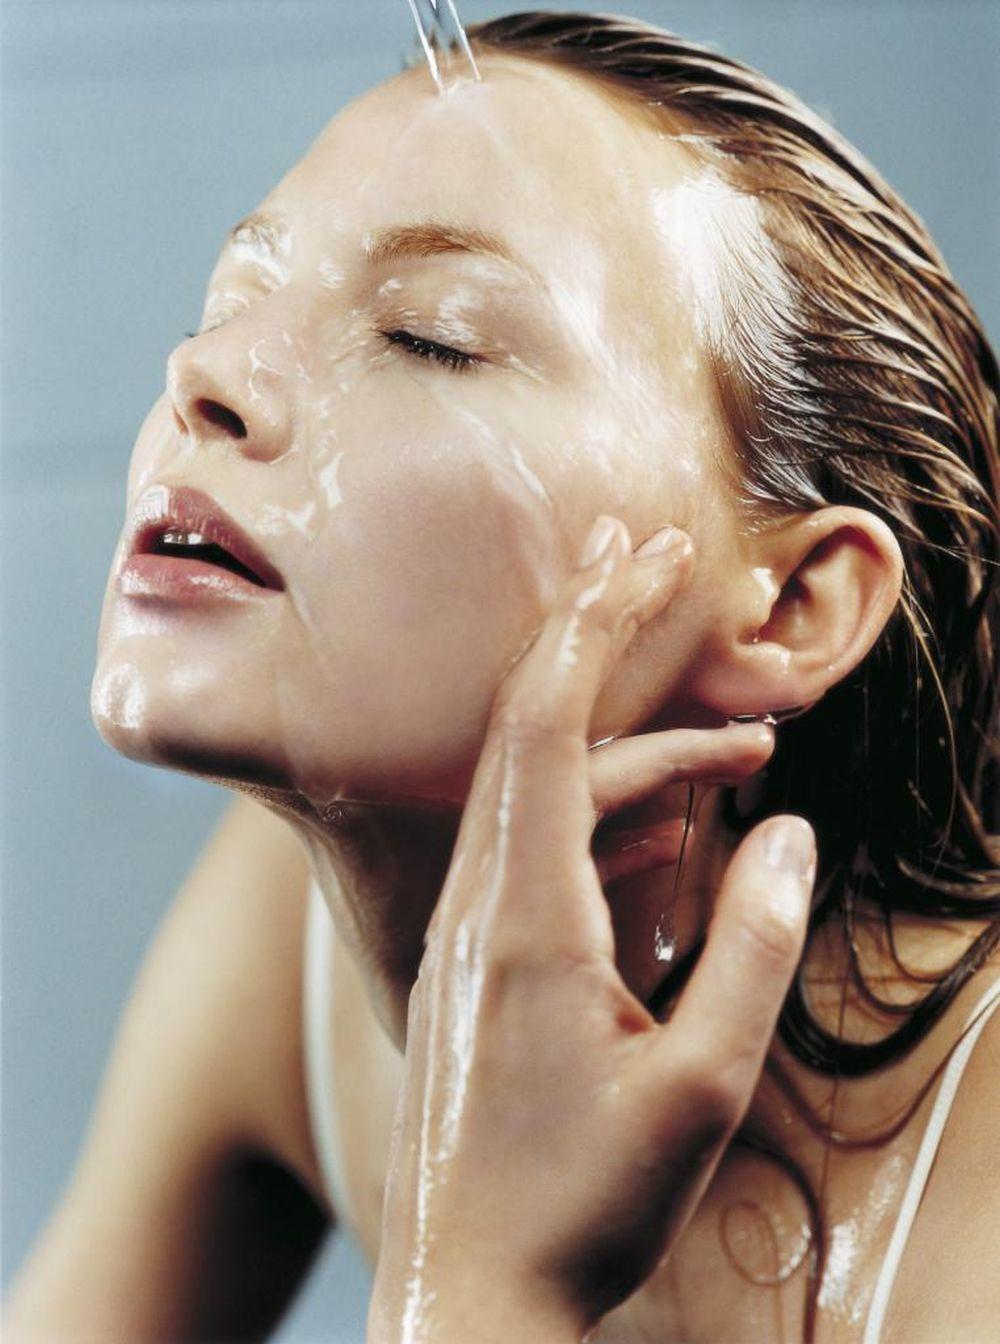 ¿Sabias que lavar el rostro en exceso puede resecar la piel?